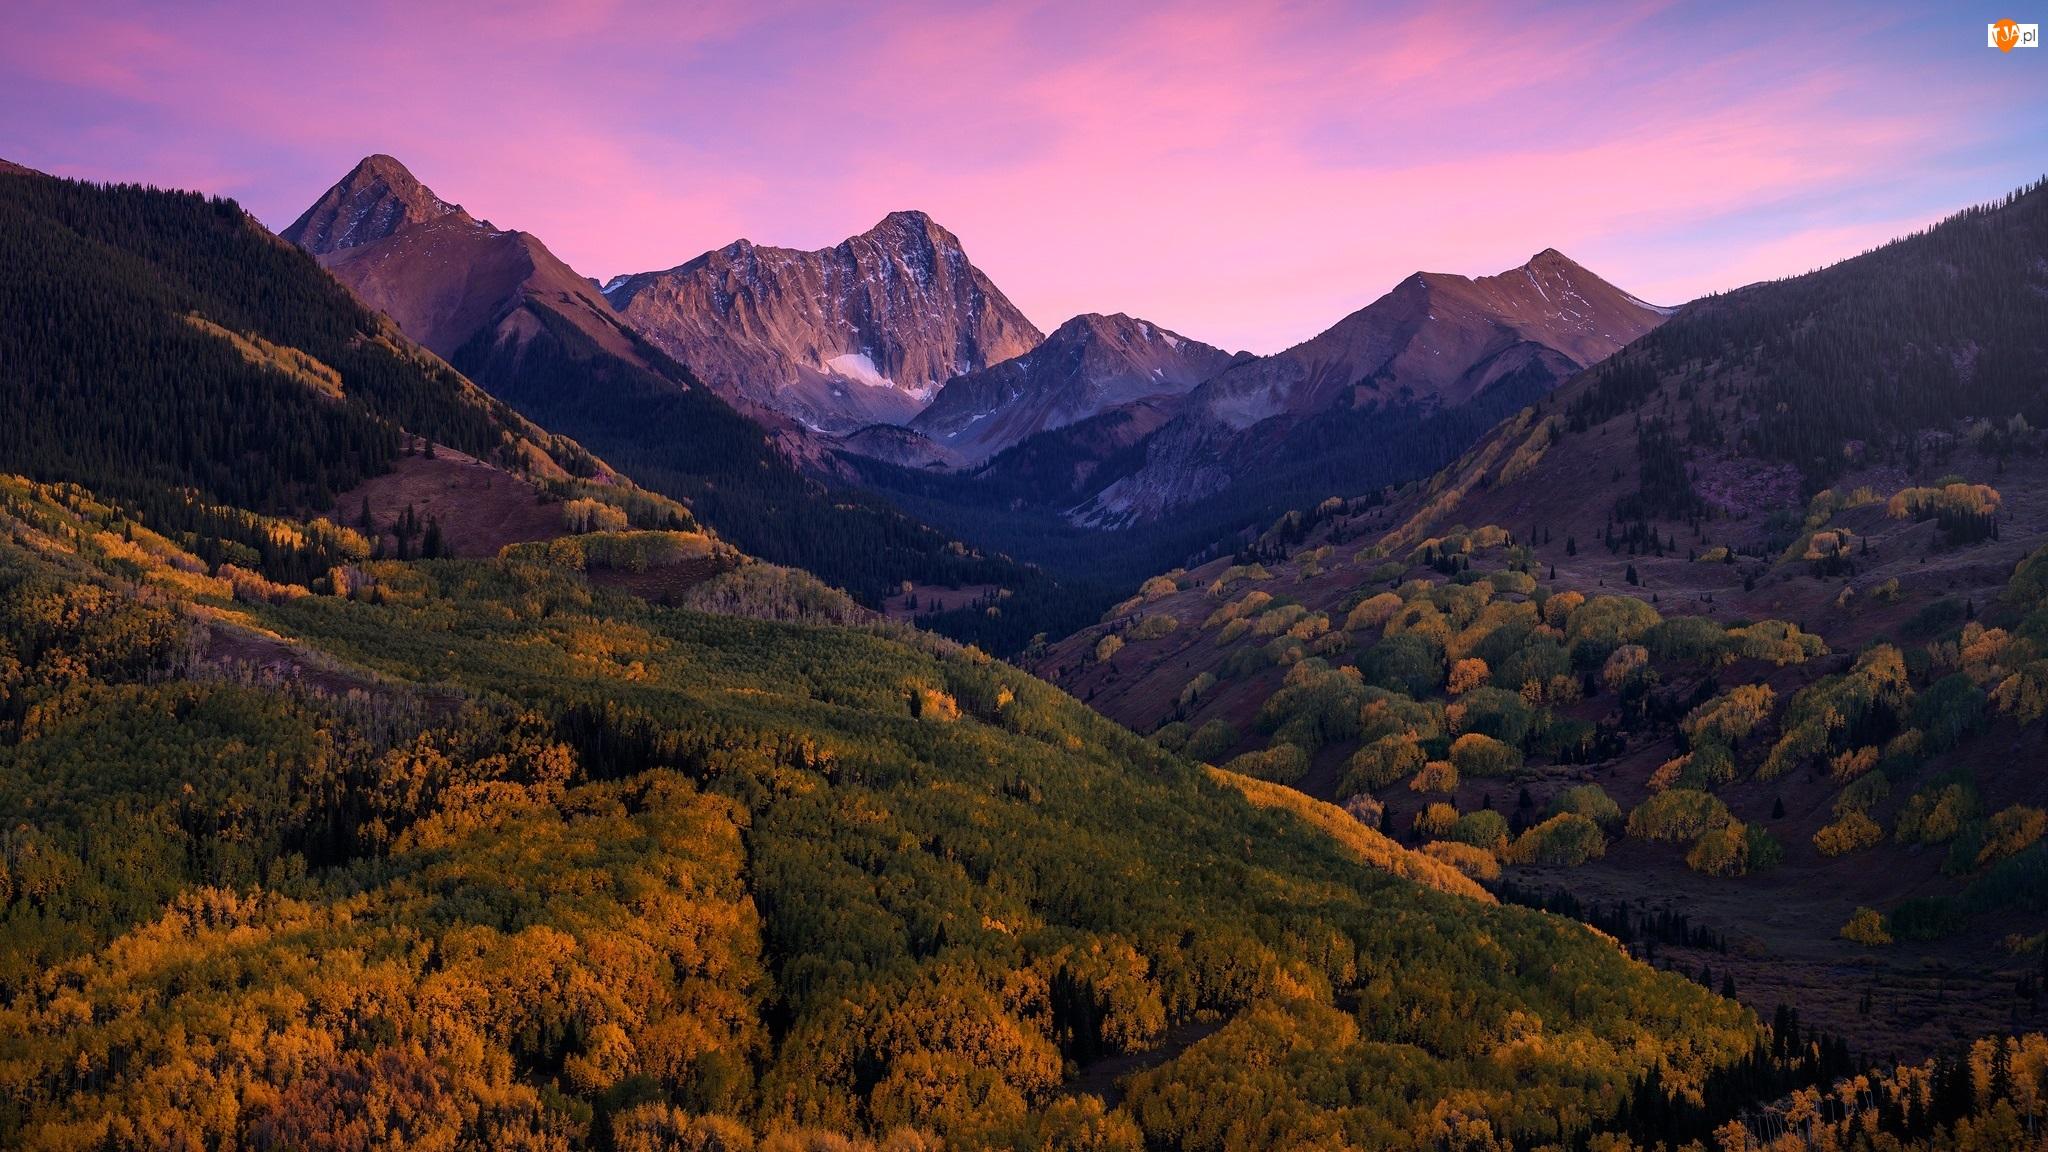 Zachód słońca, Góry, Las, Drzewa